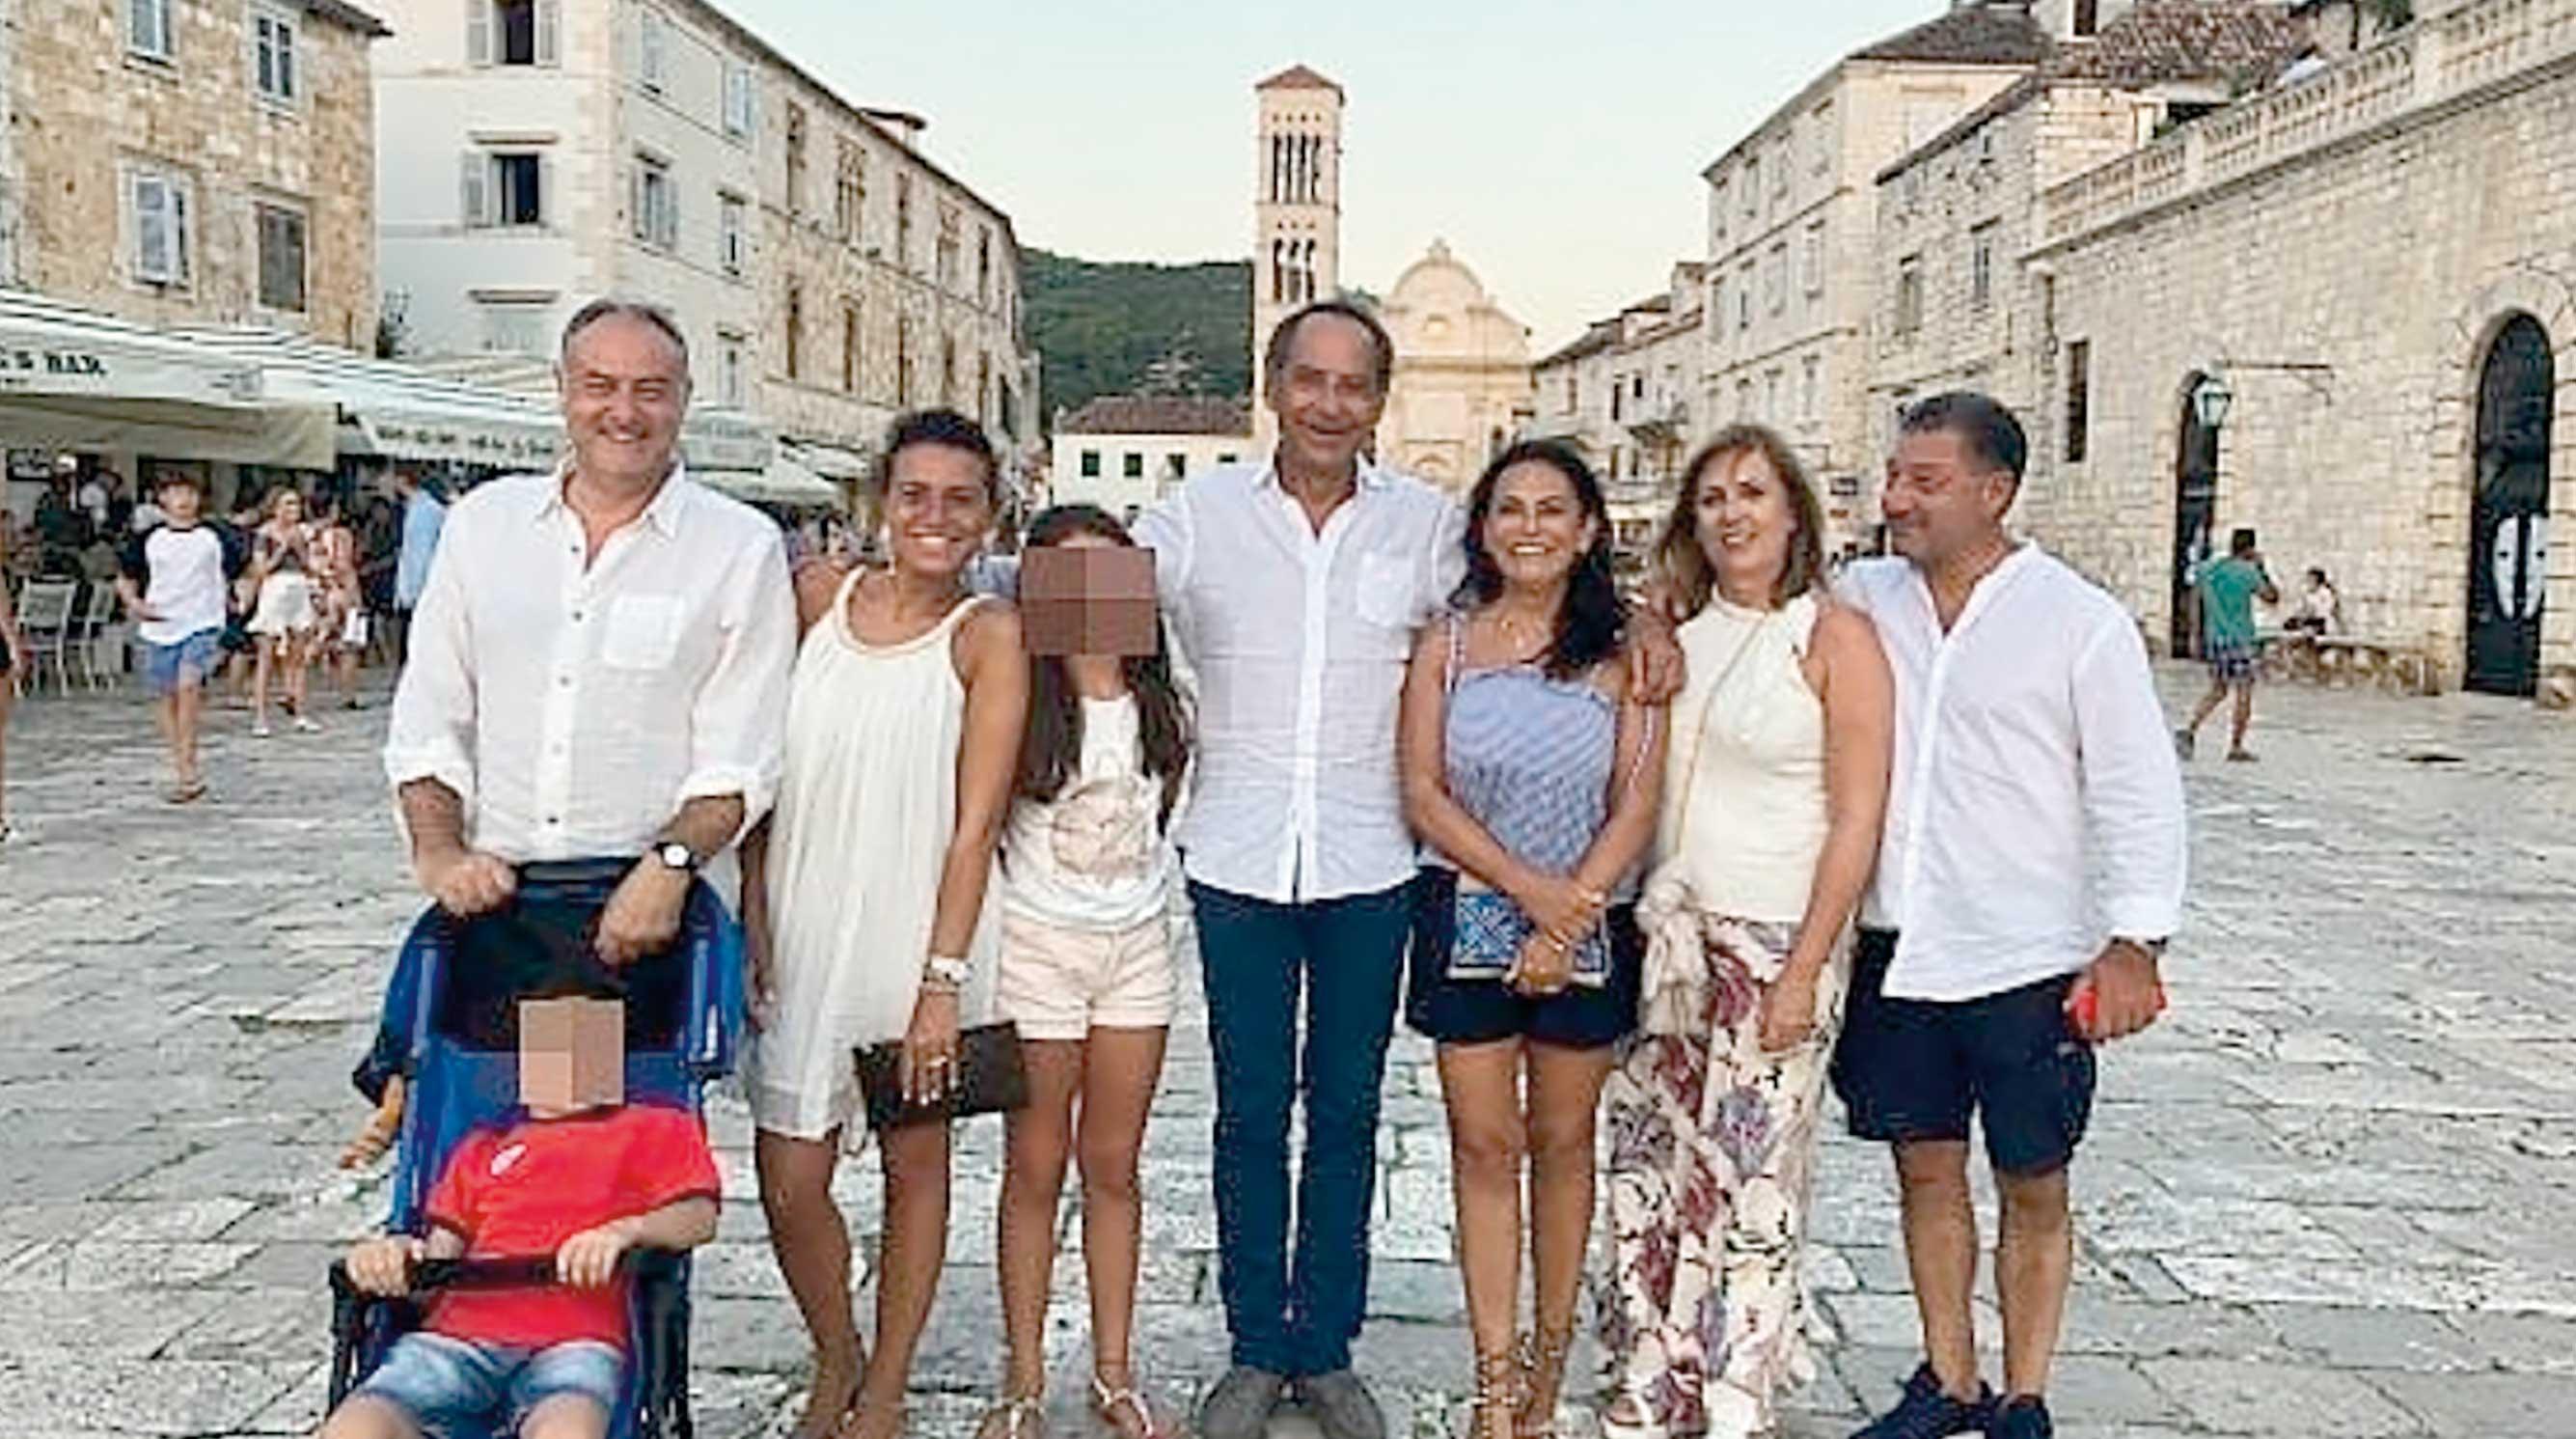 Obitelj Vinci i njihovi prijatelji su se slikali na hvarskoj rivi prije večere nakon koje su se vratili na brod i legli, a zatim je šestero od njih osjetilo simptome trovanja